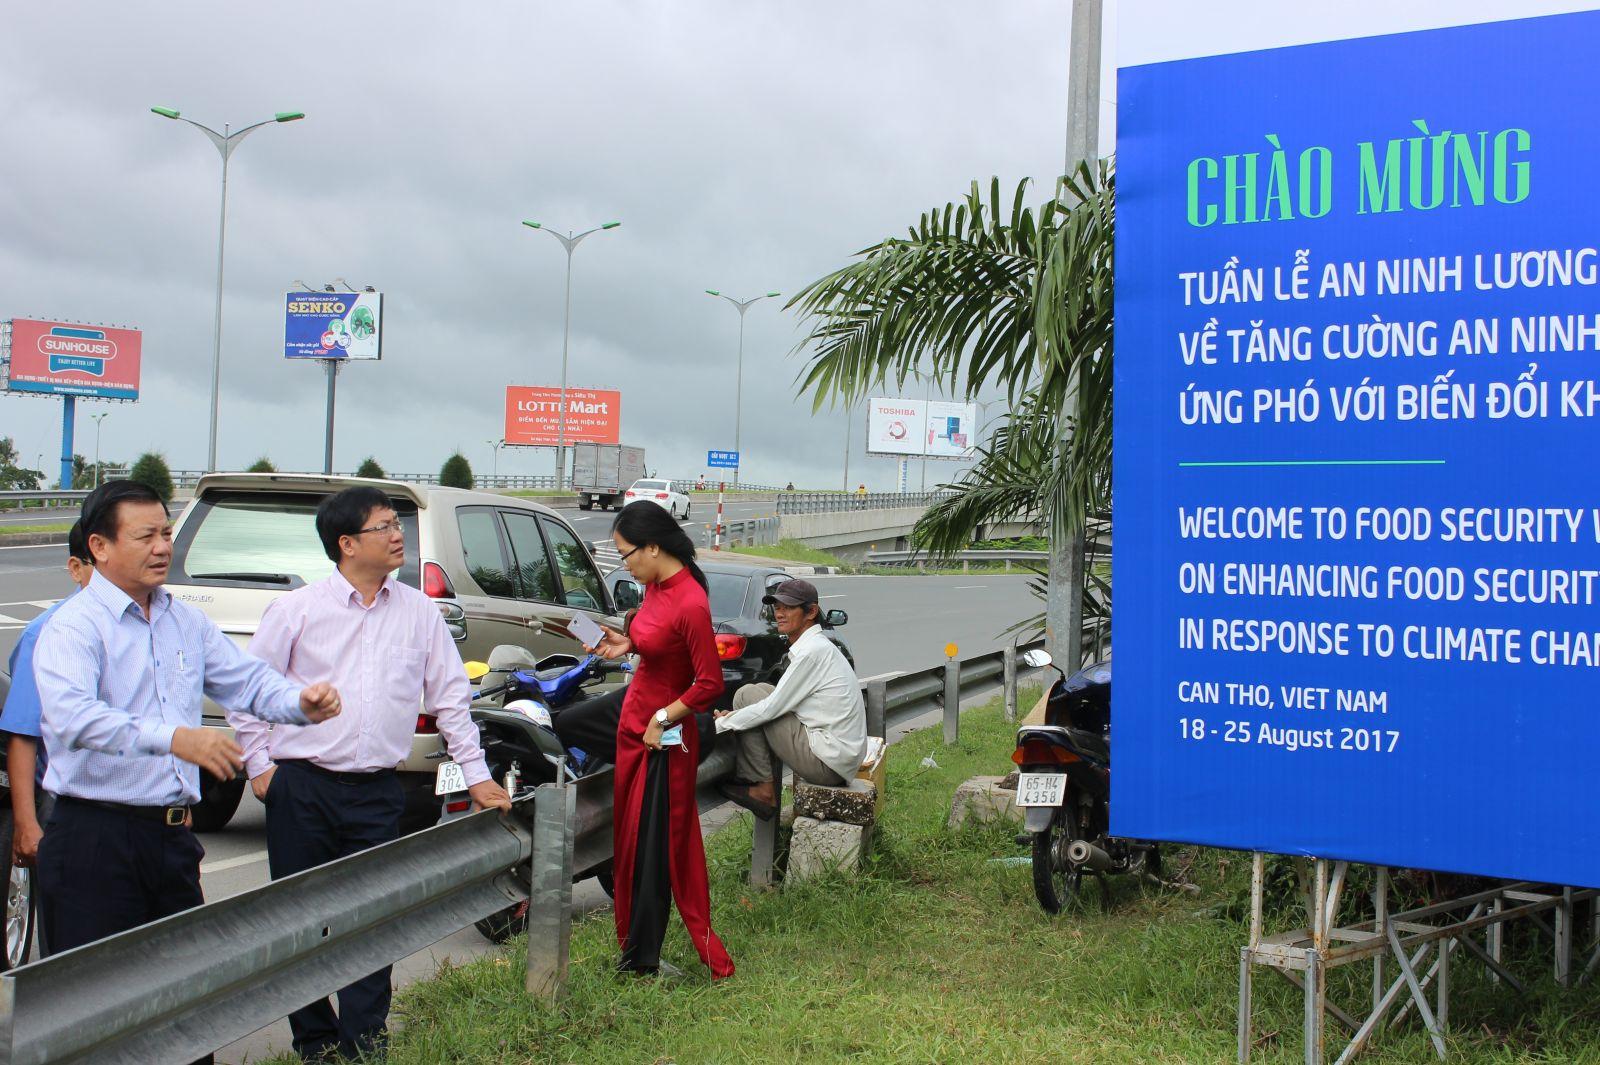 Phó Chủ tịch UBND TP Cần Thơ Đào Anh Dũng (bìa trái) kiểm tra treo pano tại nút giao IC3.